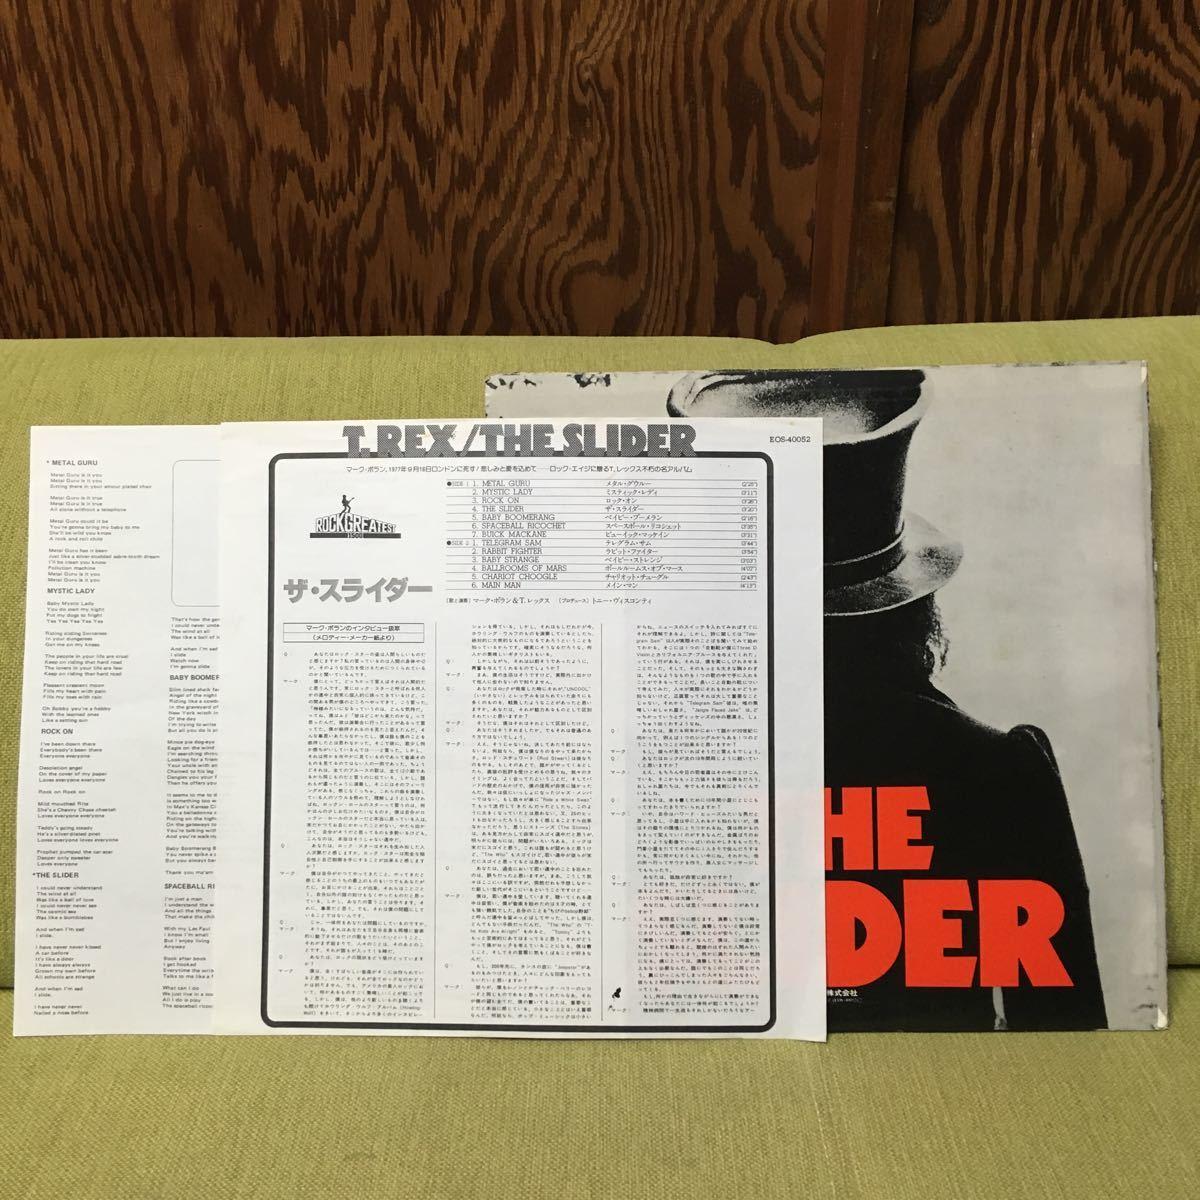 【1スタ売り切り*特価ノークレーム厳守】LP T.REX/THE SLIDER スライダー[Odeon EOS-40052] ★DAVID BOWIE 坂本慎太郎 グラム _画像2